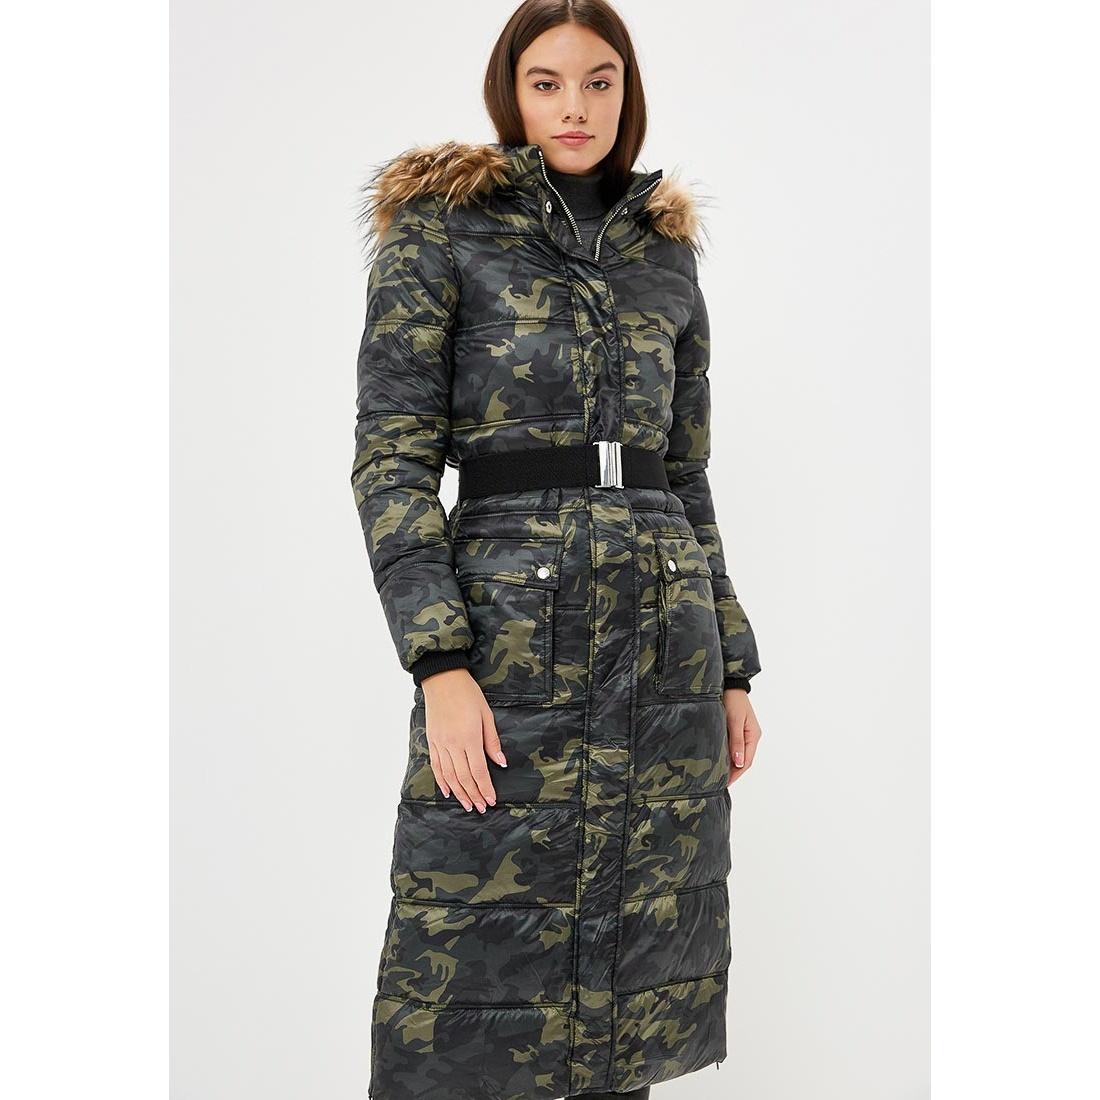 Пальто Modis M182W00683O254F03 Хаки, 42 размерM182W00683O254F03Состав: 100% Полиэстер